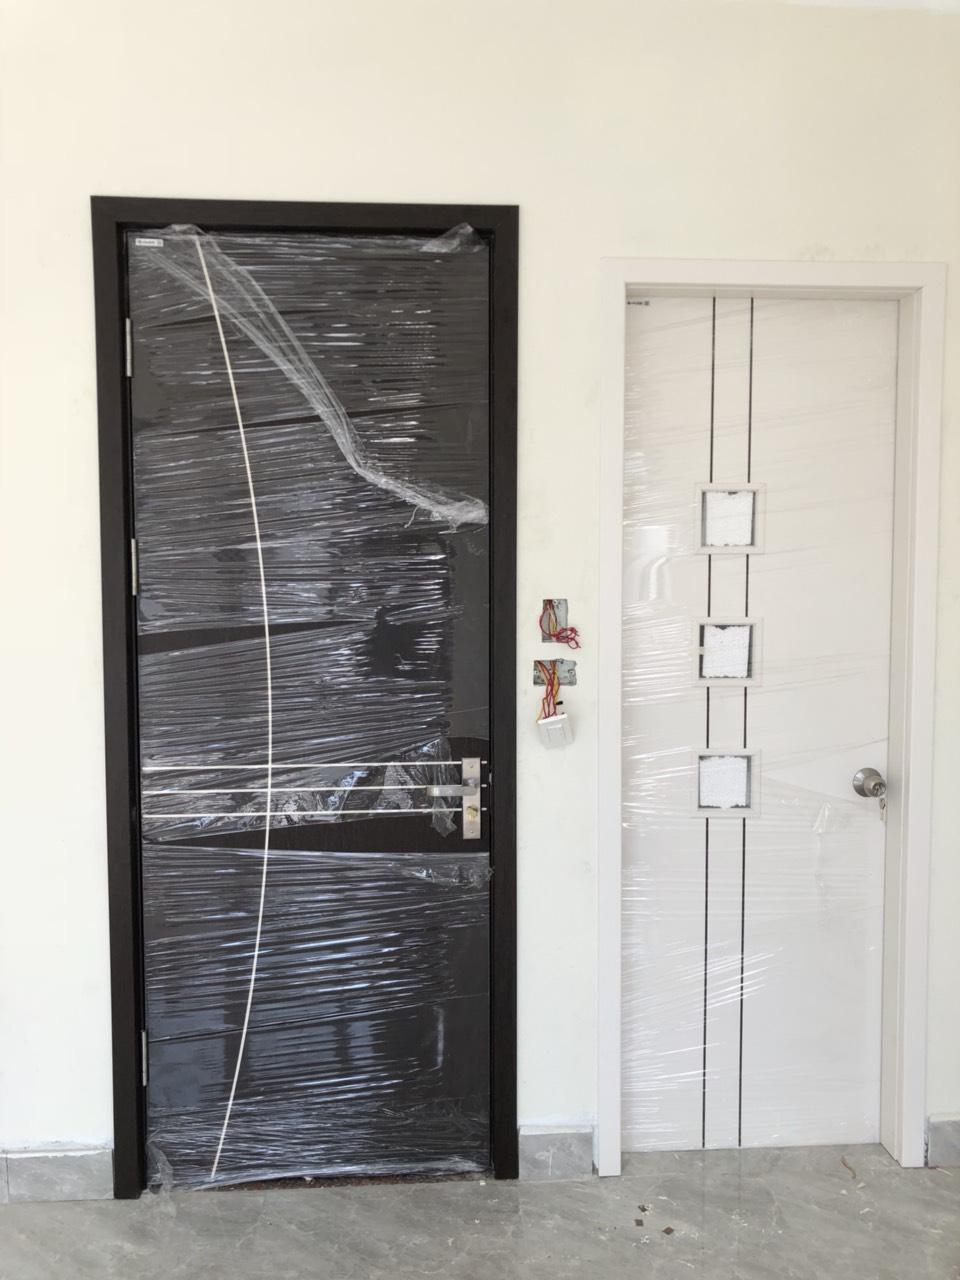 Lắp đặt cửa gỗ thông phòng và cửa gỗ chịu nước phòng tắm tại Long Biên